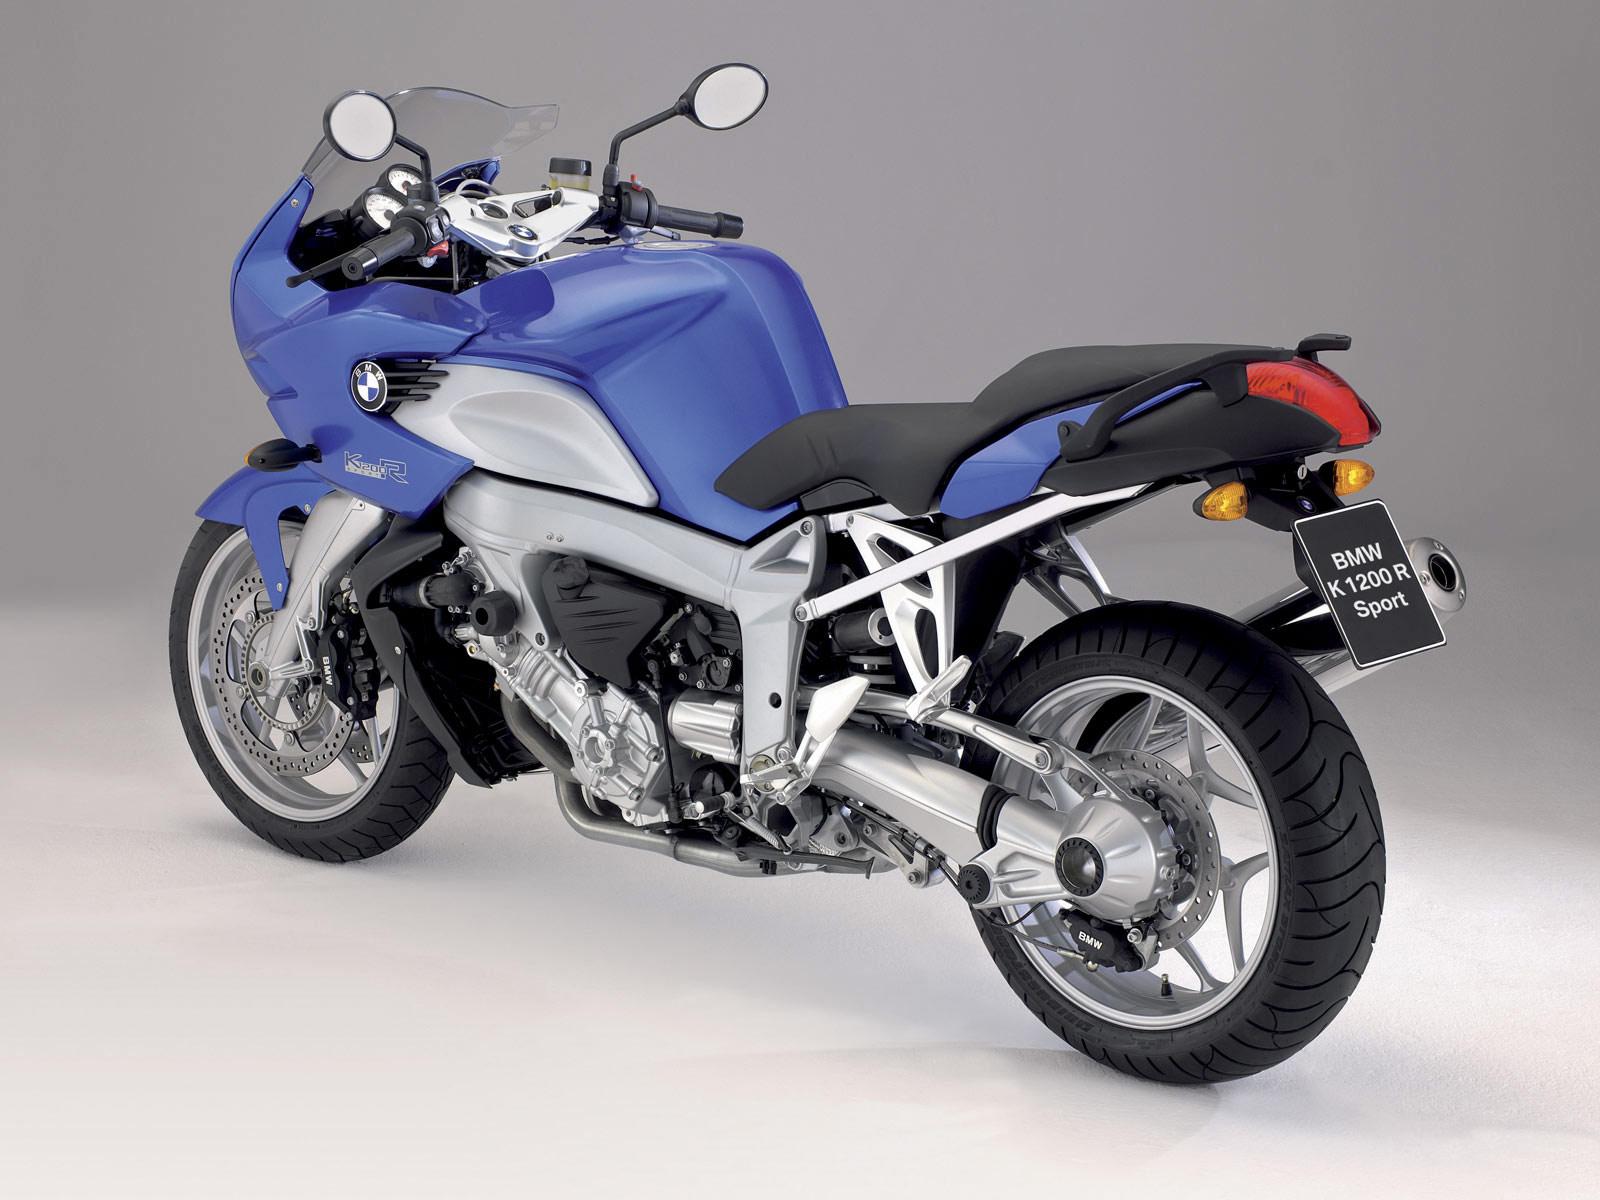 2007 bmw k1200r motorcycle insurance information. Black Bedroom Furniture Sets. Home Design Ideas